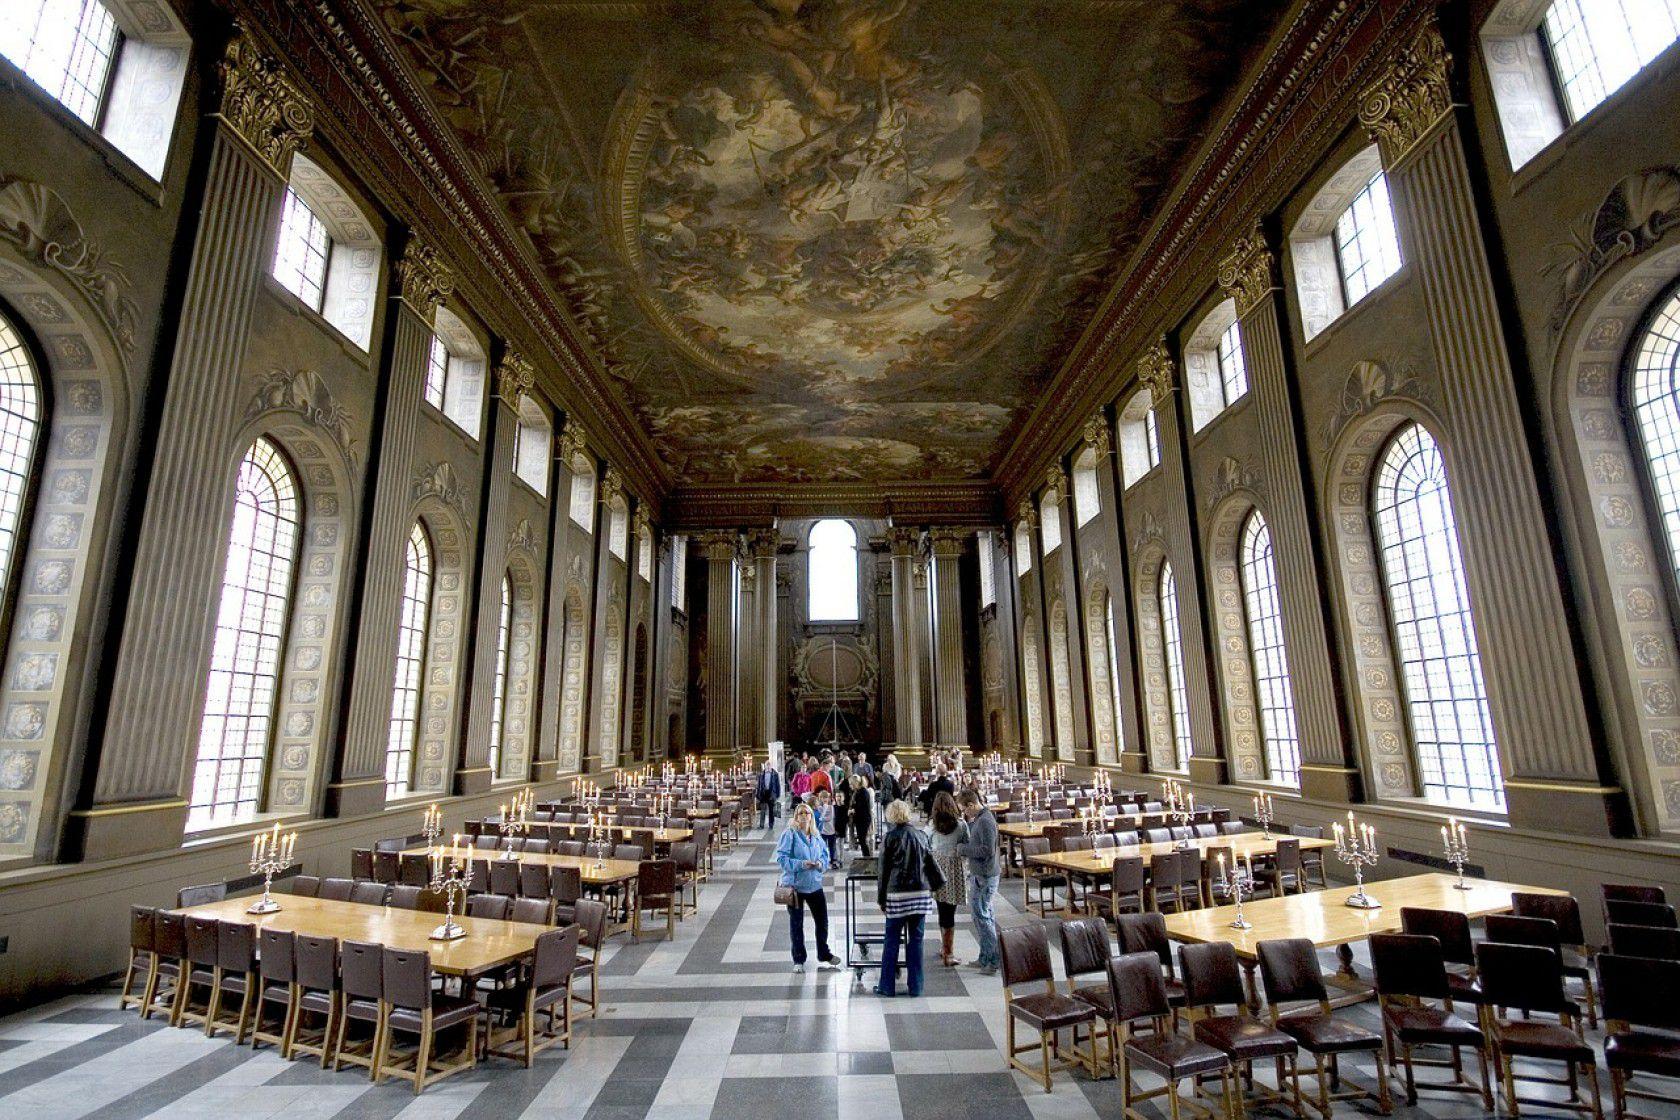 İtalya Pisa'da Özel Yatılı Lise Eğitimi Ve Kampüs Hayatı Nasıldır?